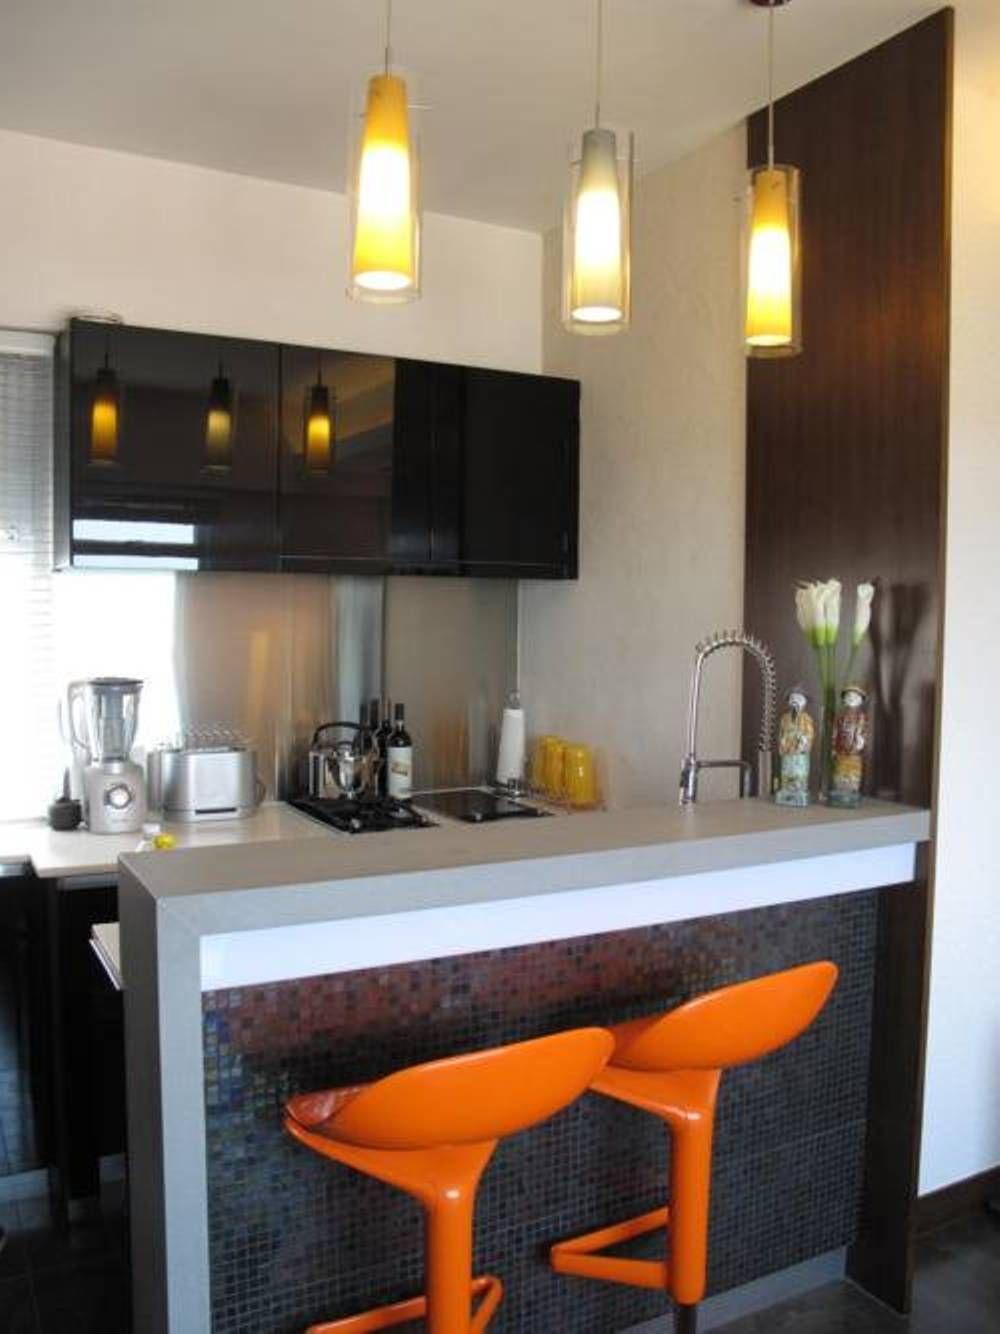 Küchenschränke für kleine küchen so erstellen sie eine moderne kleine küche design ideen küchen